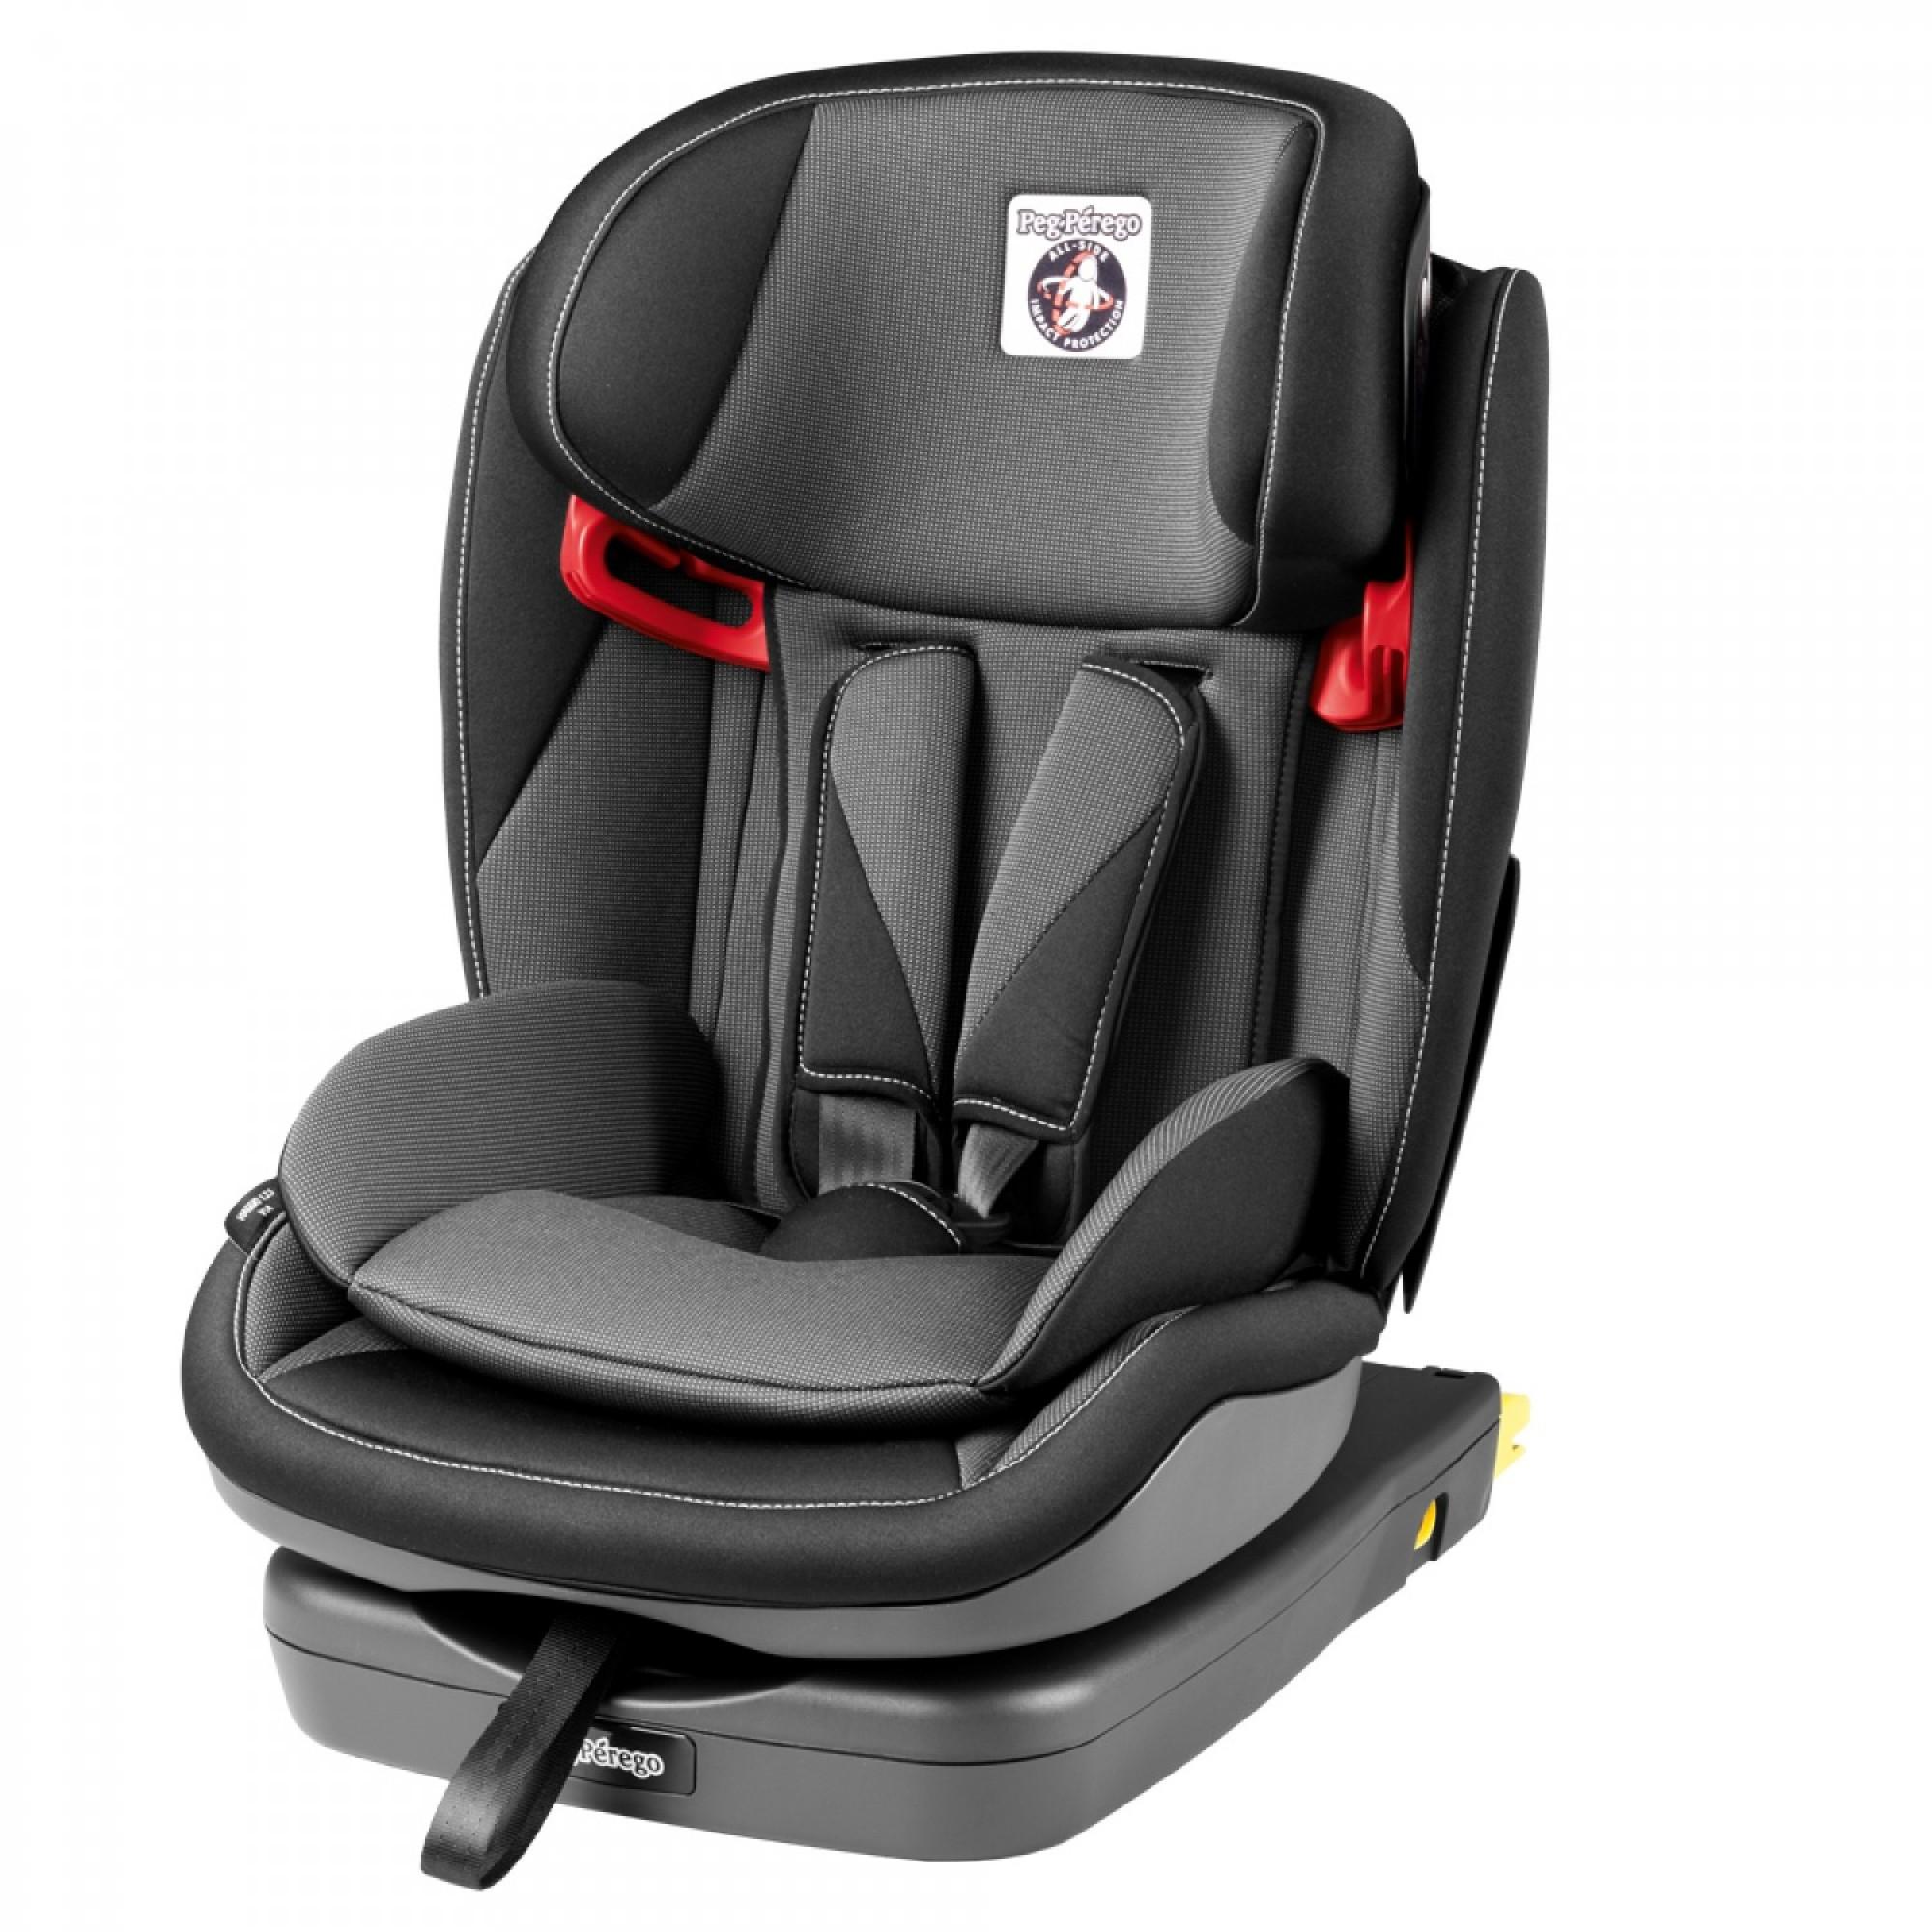 Scaun Auto Viaggio 1-2-3 Via Crystal Black, Peg Perego - produs resigilat